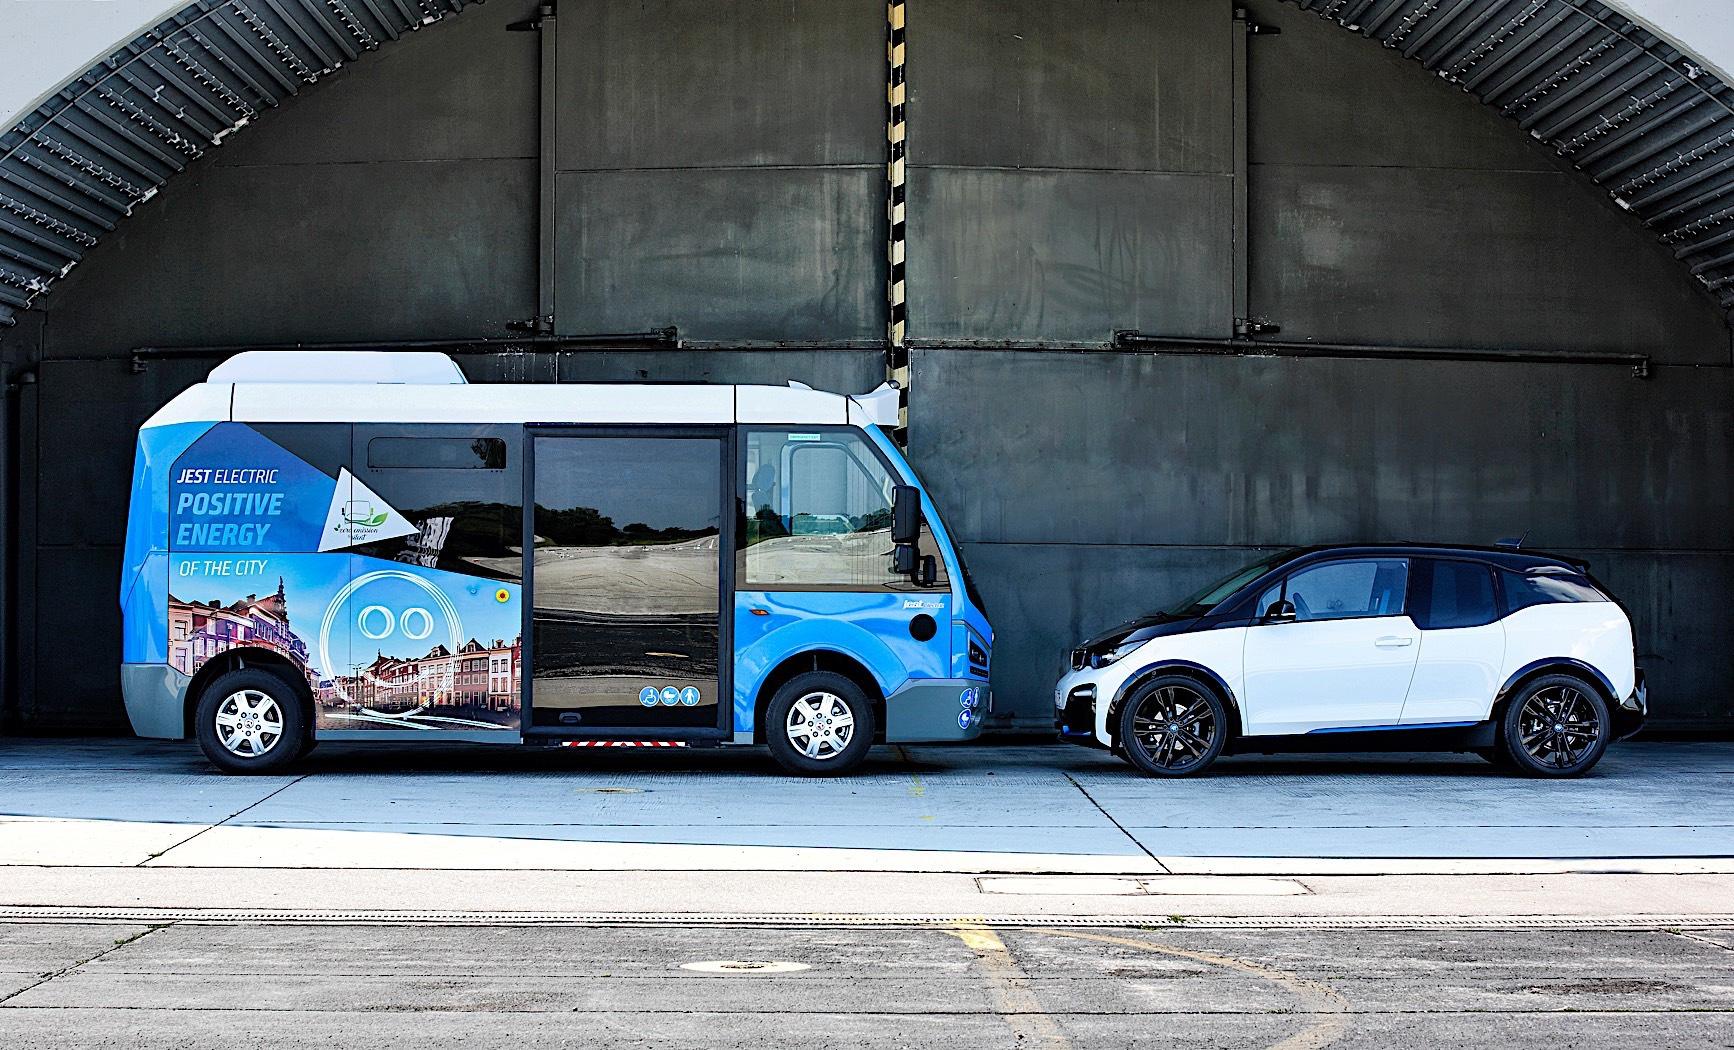 土耳其公司与宝马合作 电动巴士共享i3电池技术_快乐十分走势图